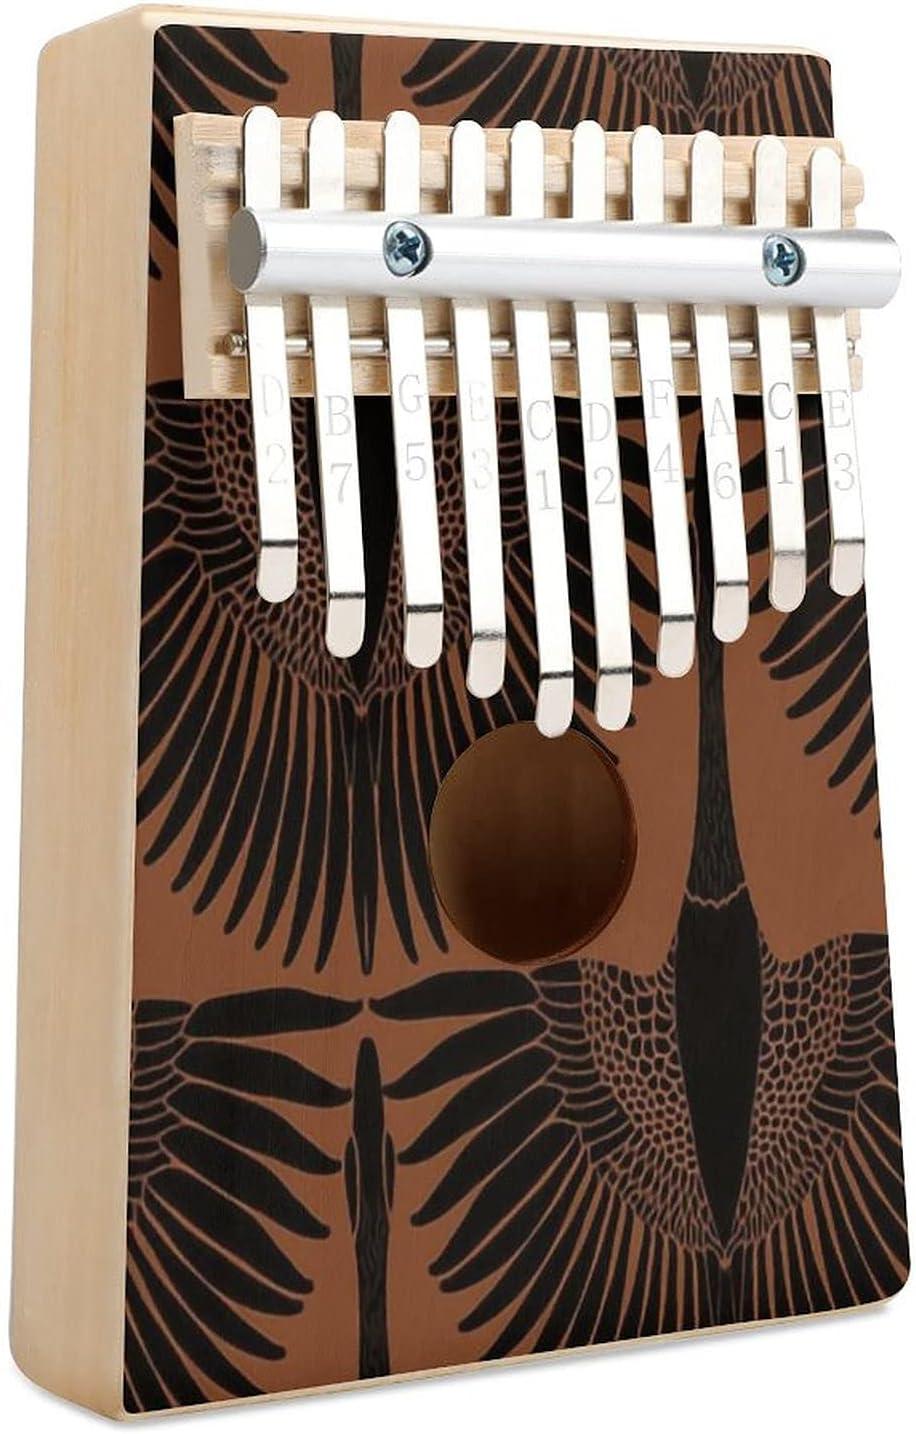 Nene Goose Large Rust Kalimba Thumb Super sale period Gifts limited 10 Mu Finger Piano Key